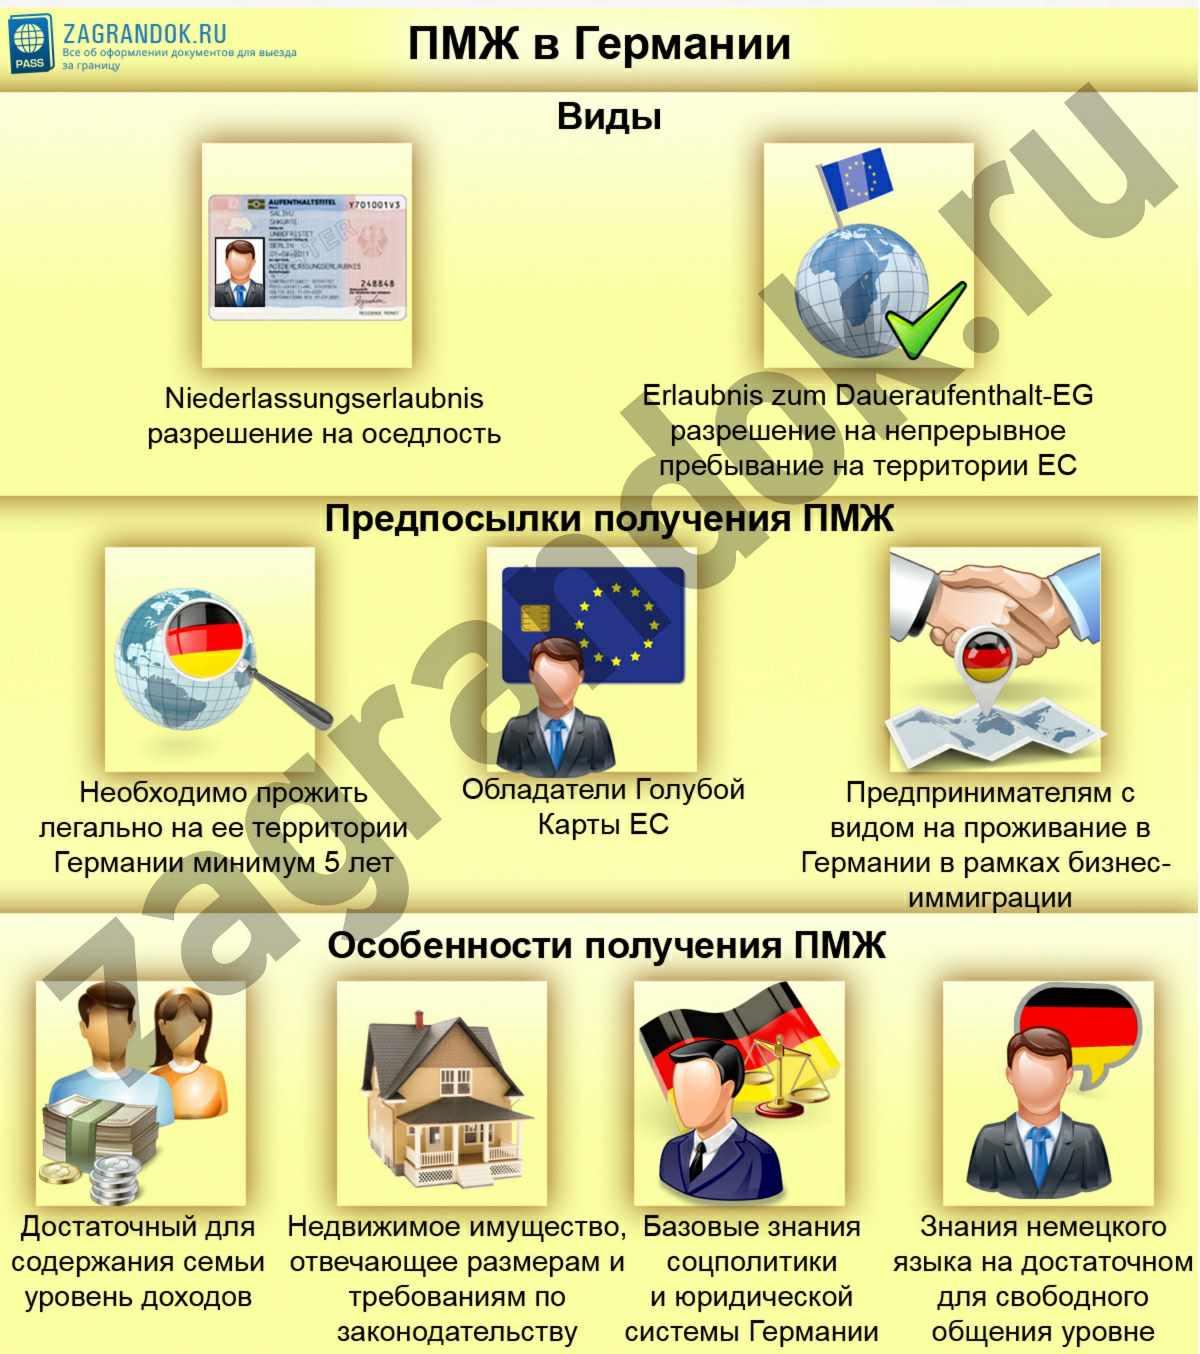 ПМЖ в Германии